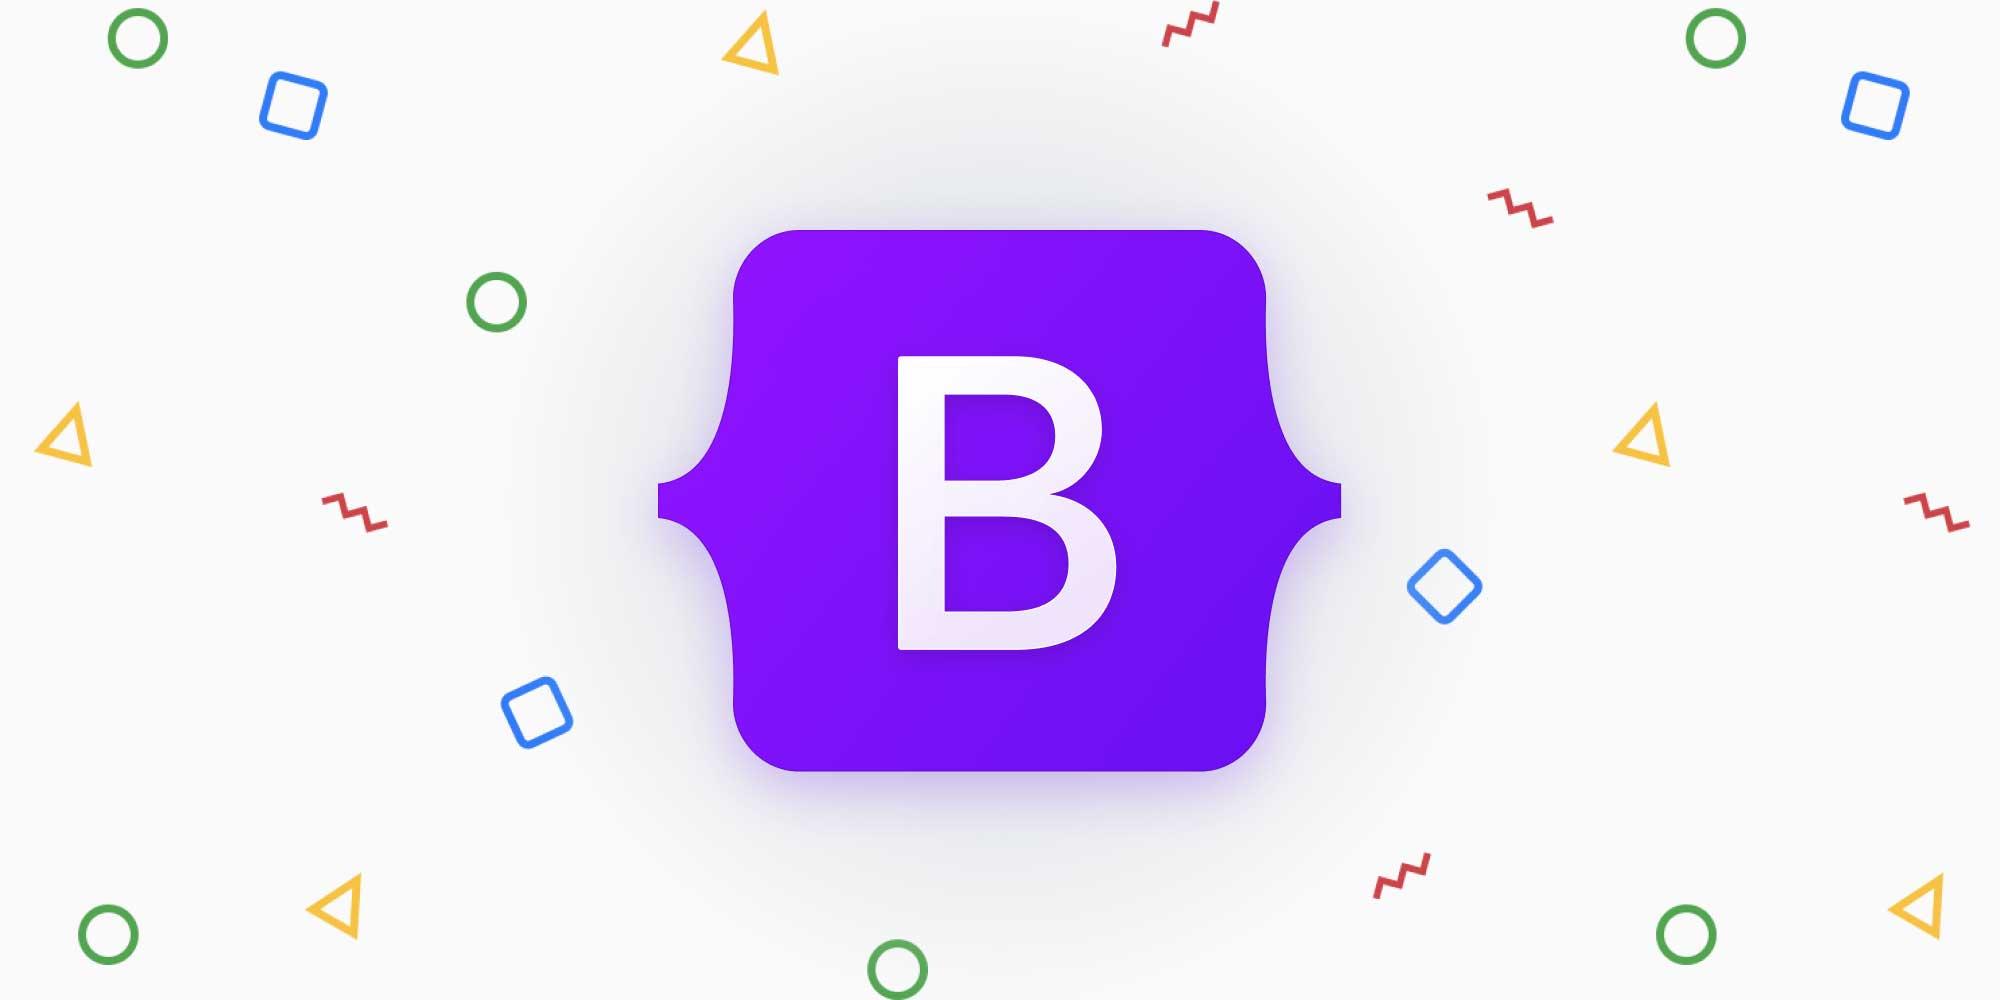 logo de Bootstrap 5